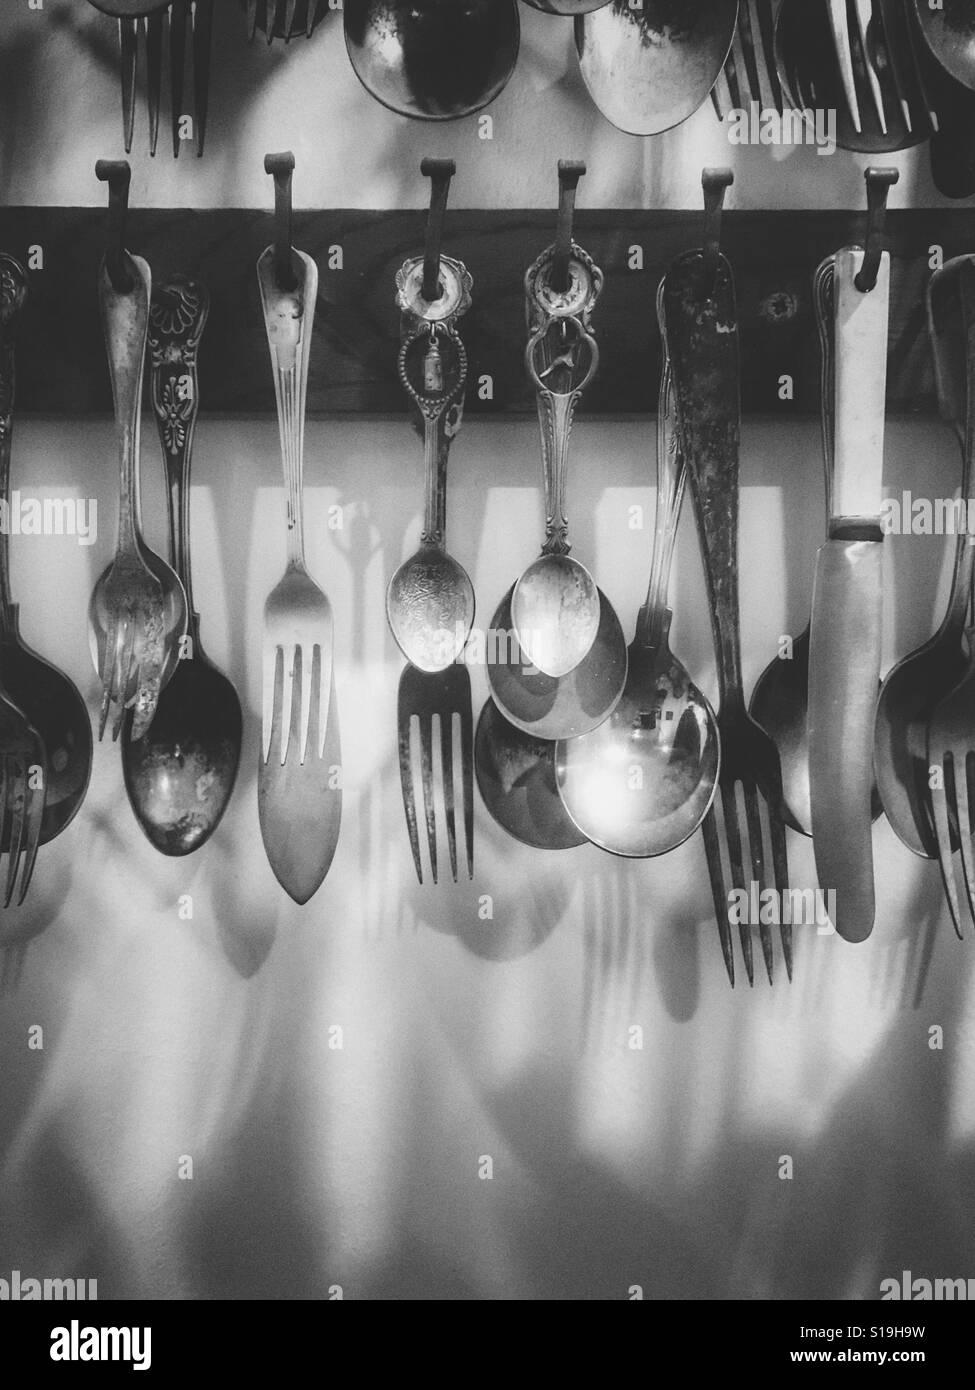 Couteaux, fourchettes et cuillers accroché sur un mur Banque D'Images